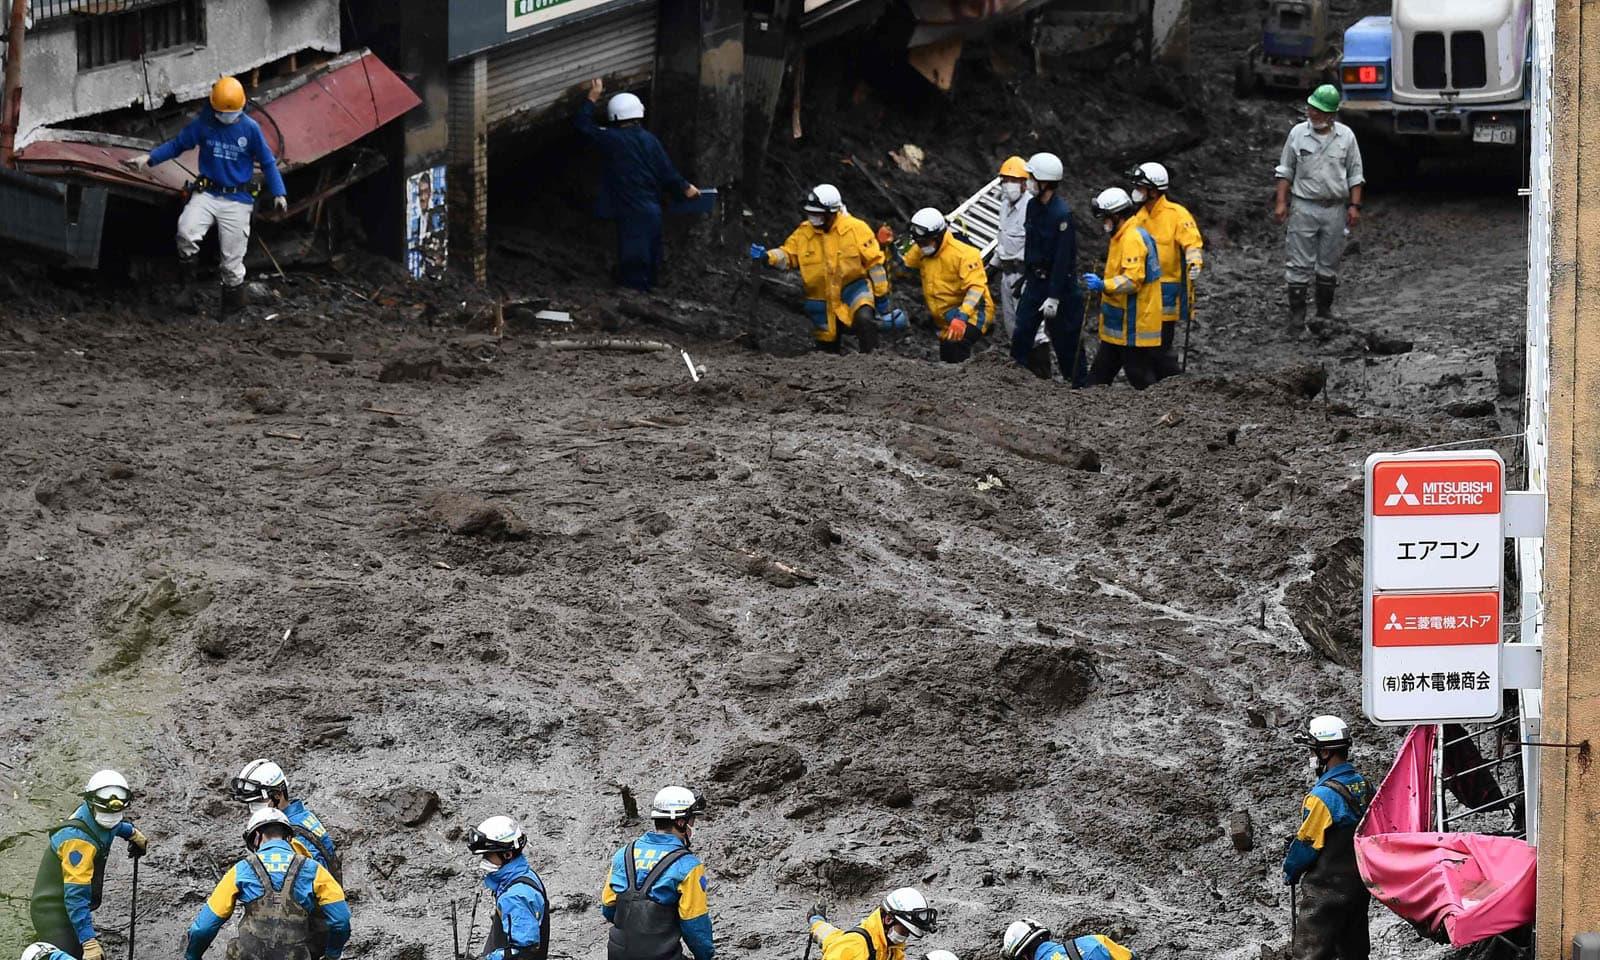 متاثرہ علاقے میں وقفے وقفے سے بارش کا سلسلہ جاری ہے—فوٹو: اے پی